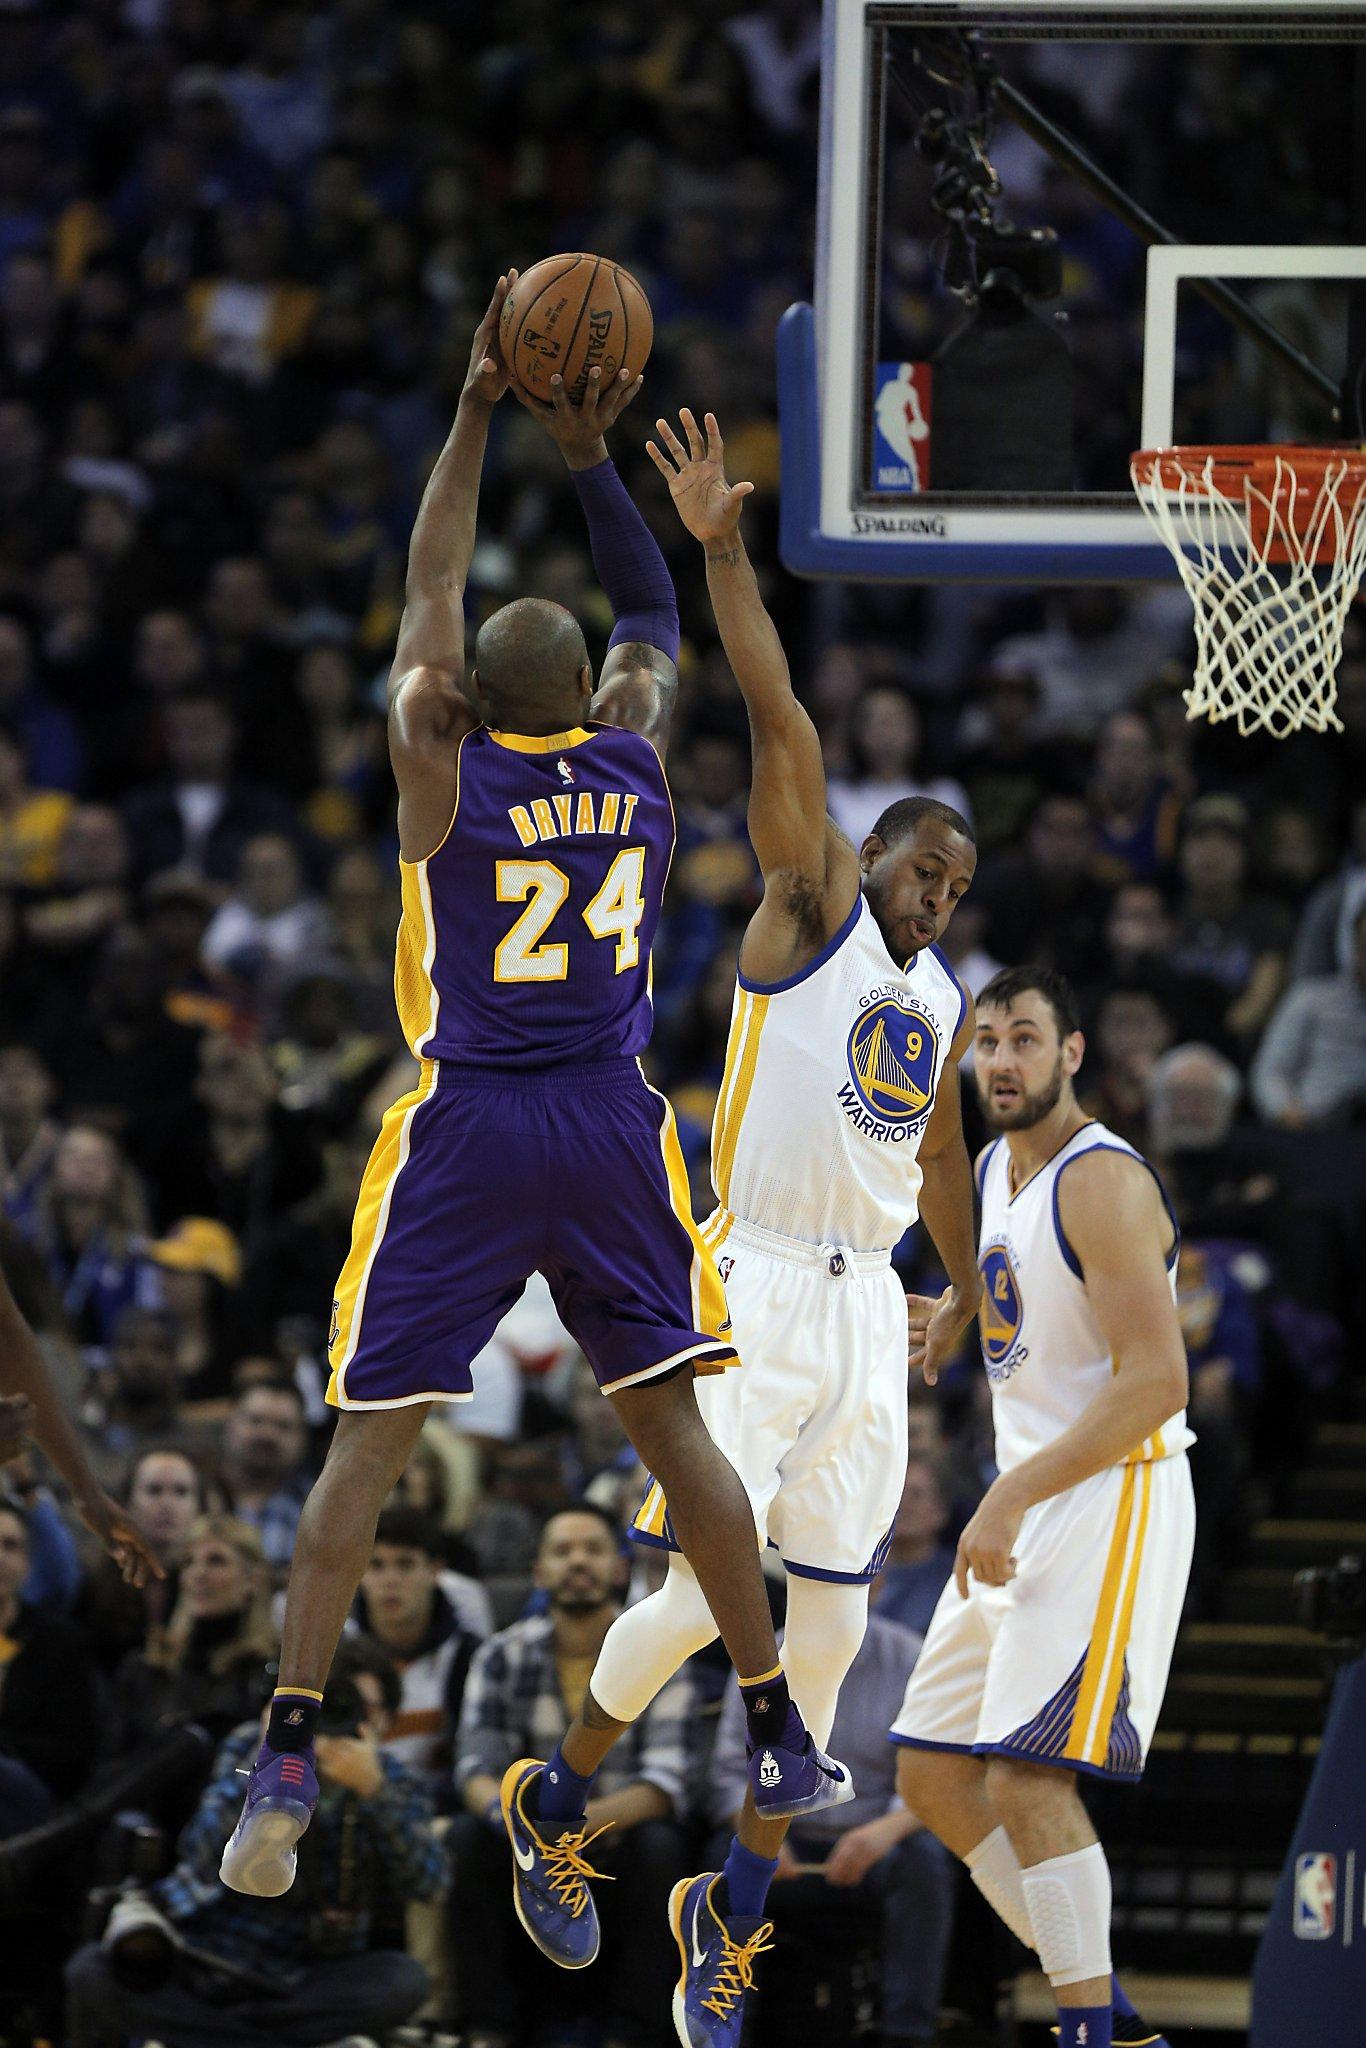 Kobe Bryant's last game in Oakland lacks in drama - SFGate